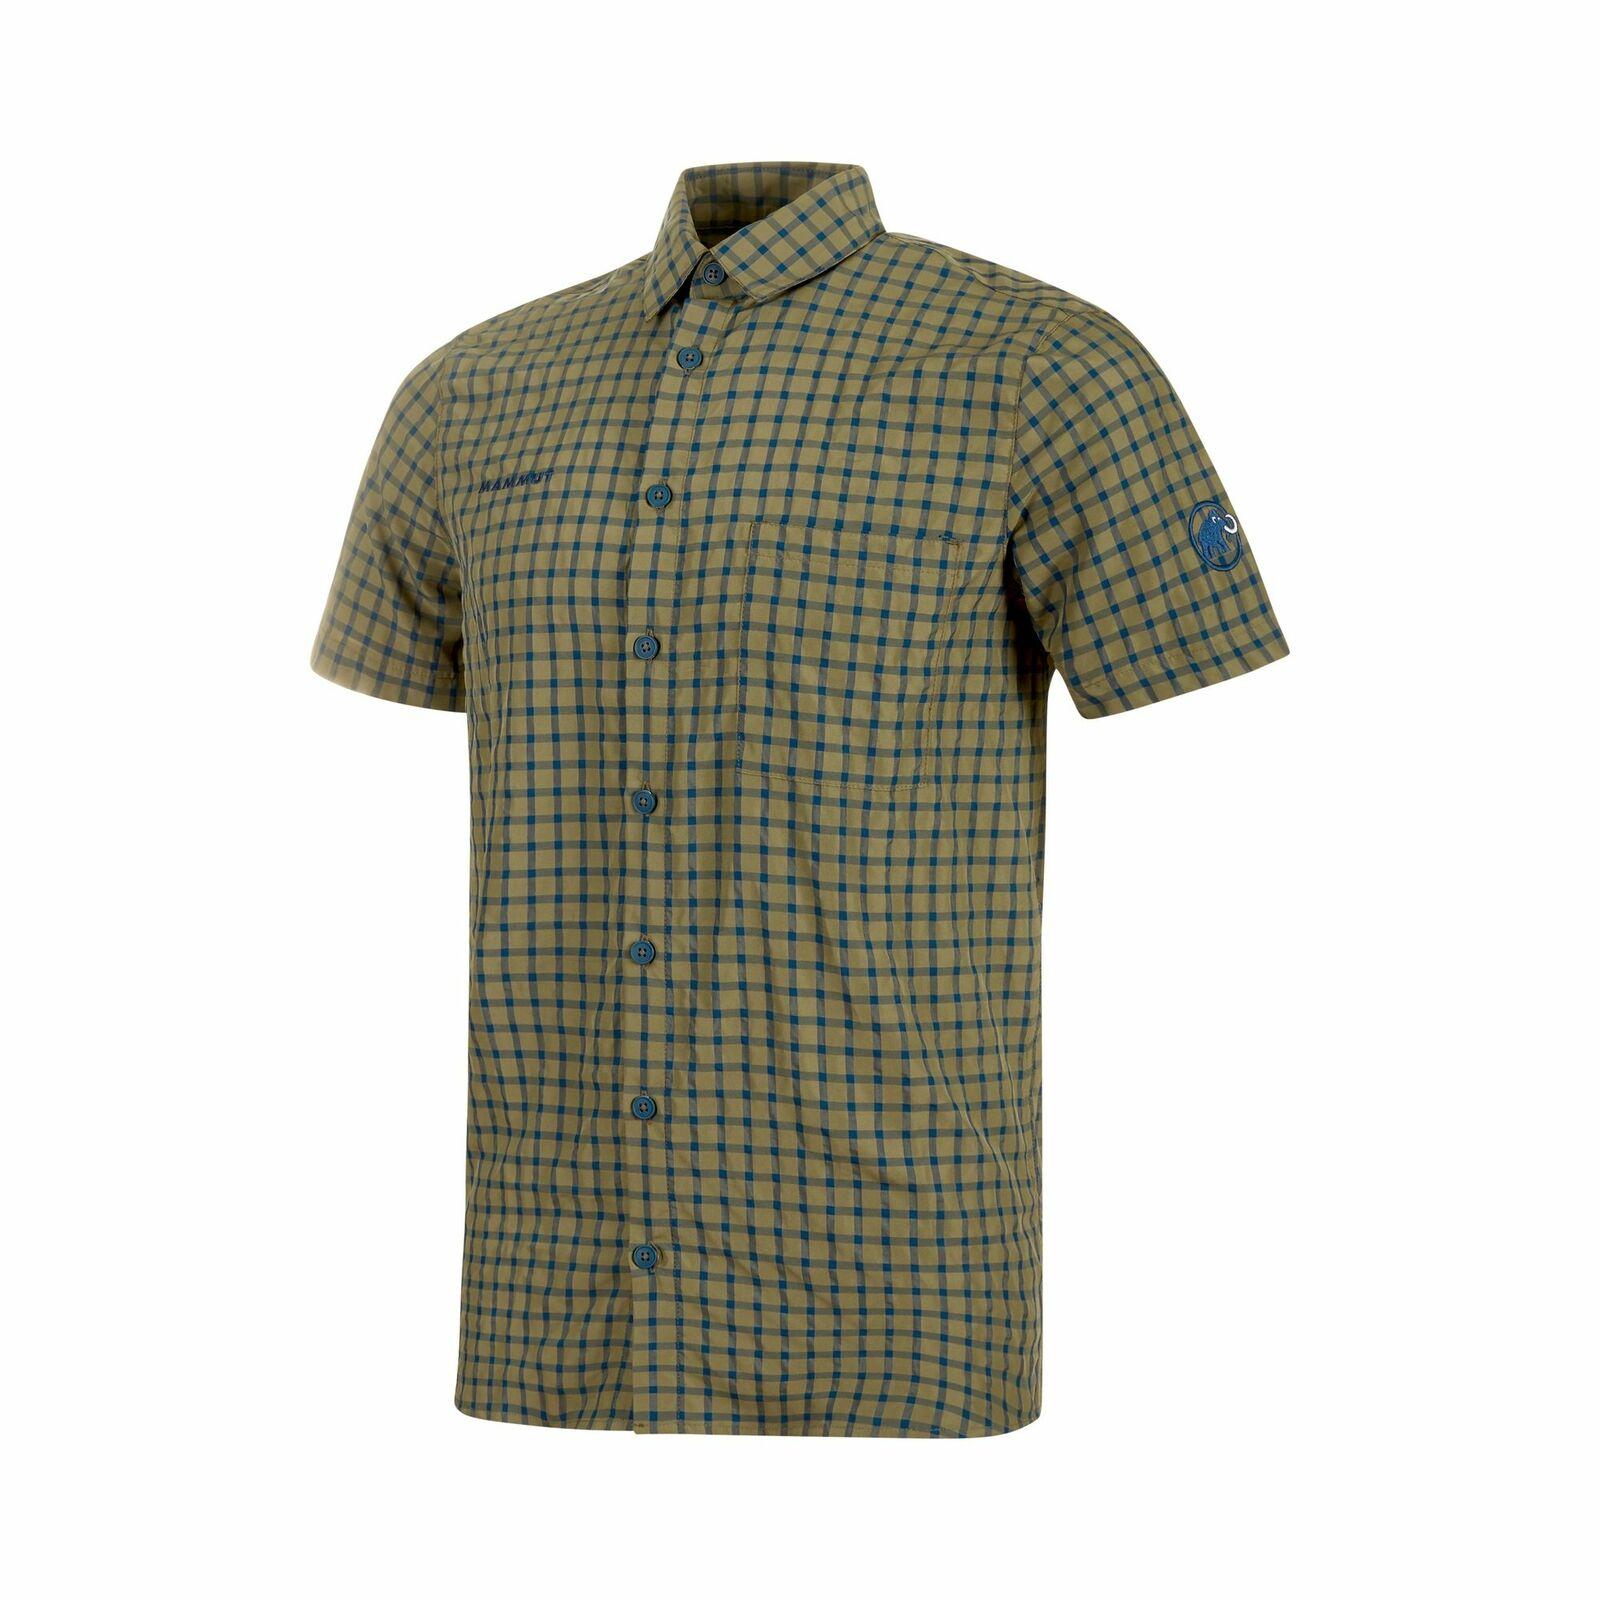 Mammut Lenni Shirt Herren Hemd Outdoorhemd Shirt